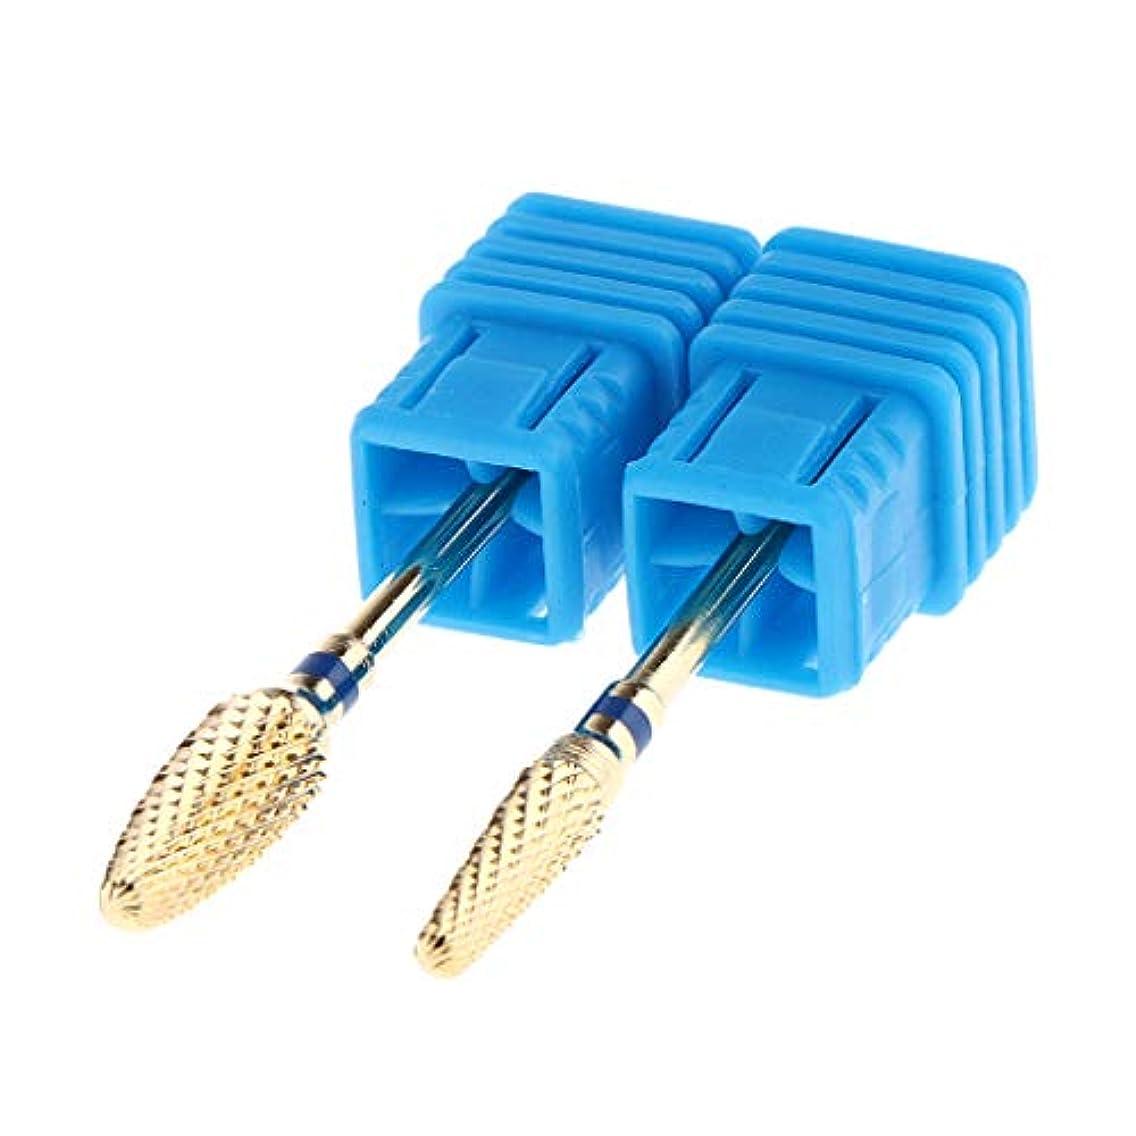 抵抗する紳士毎月Toygogo 2本の電気炭化物ネイルアートドリルファイルビットセットプロフェッショナルマニキュアドリルビット - 青